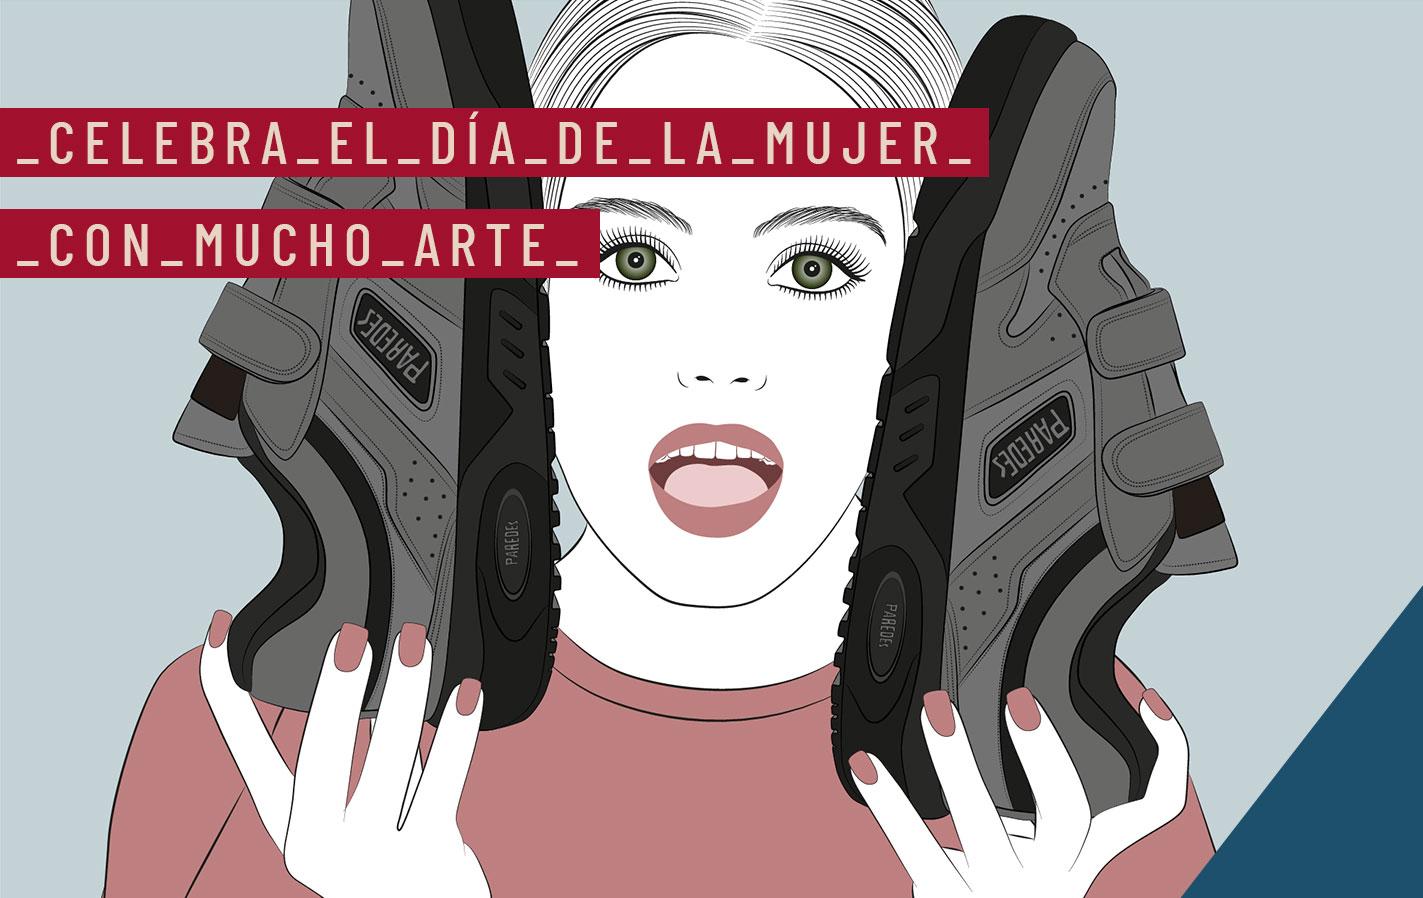 Dia de la mujer con arte en Paredes Blog